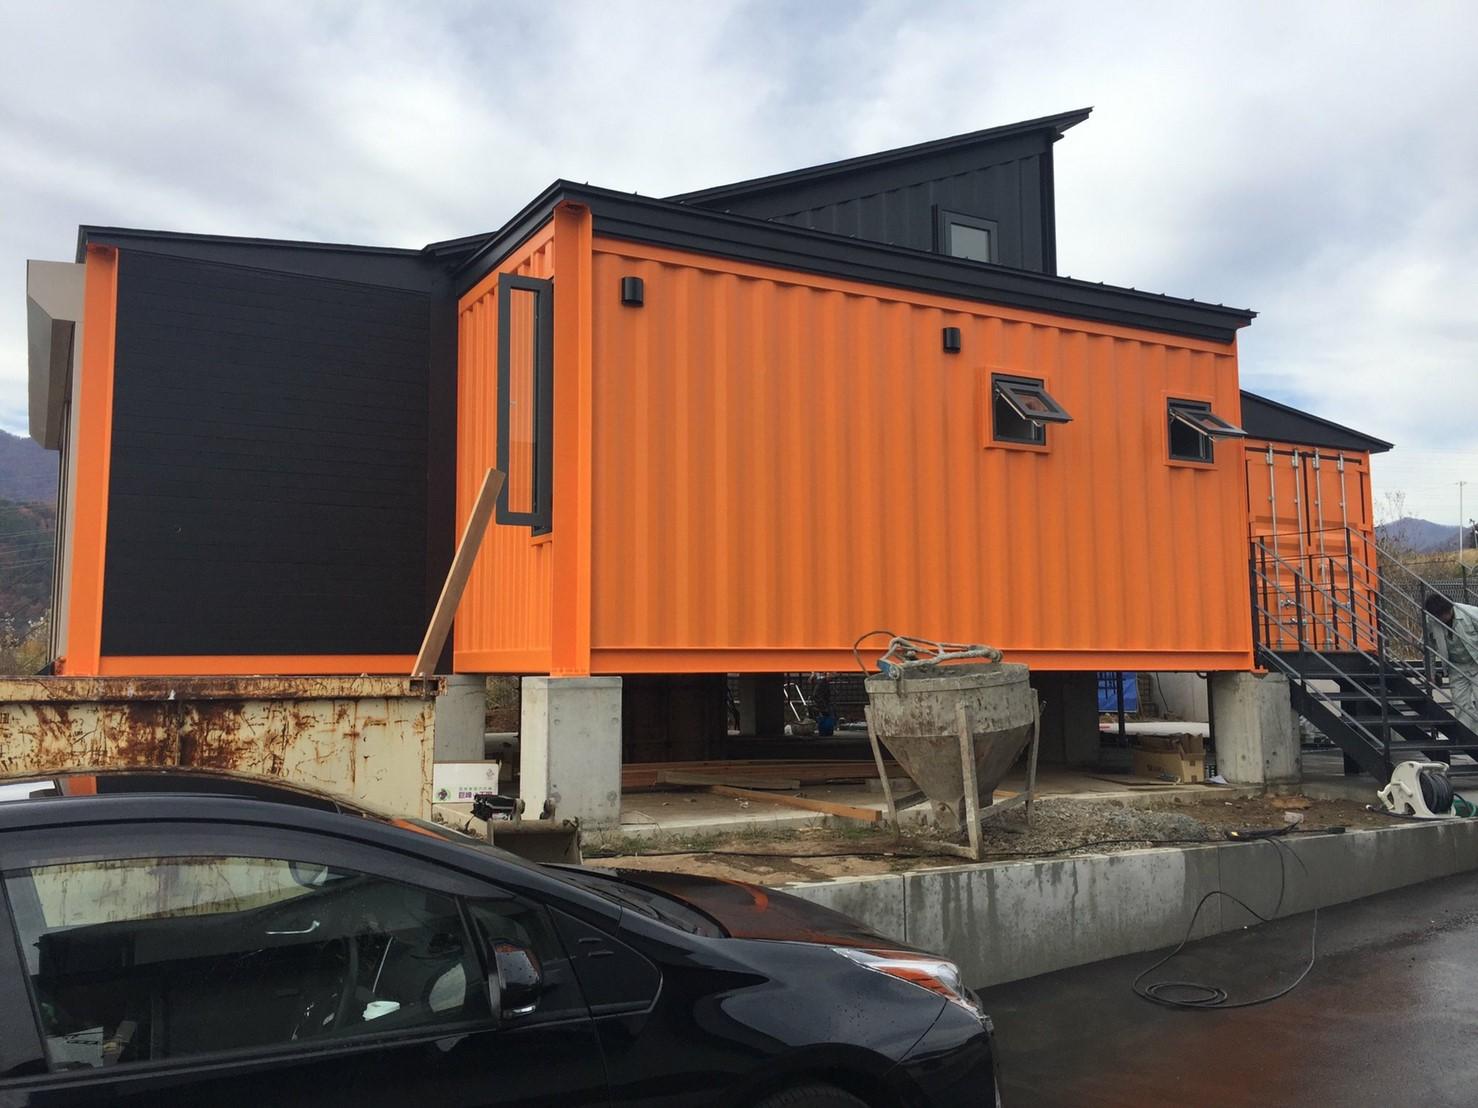 【施工事例】コンテナハウスに斜めに切った建築用コンテナを使用した事例